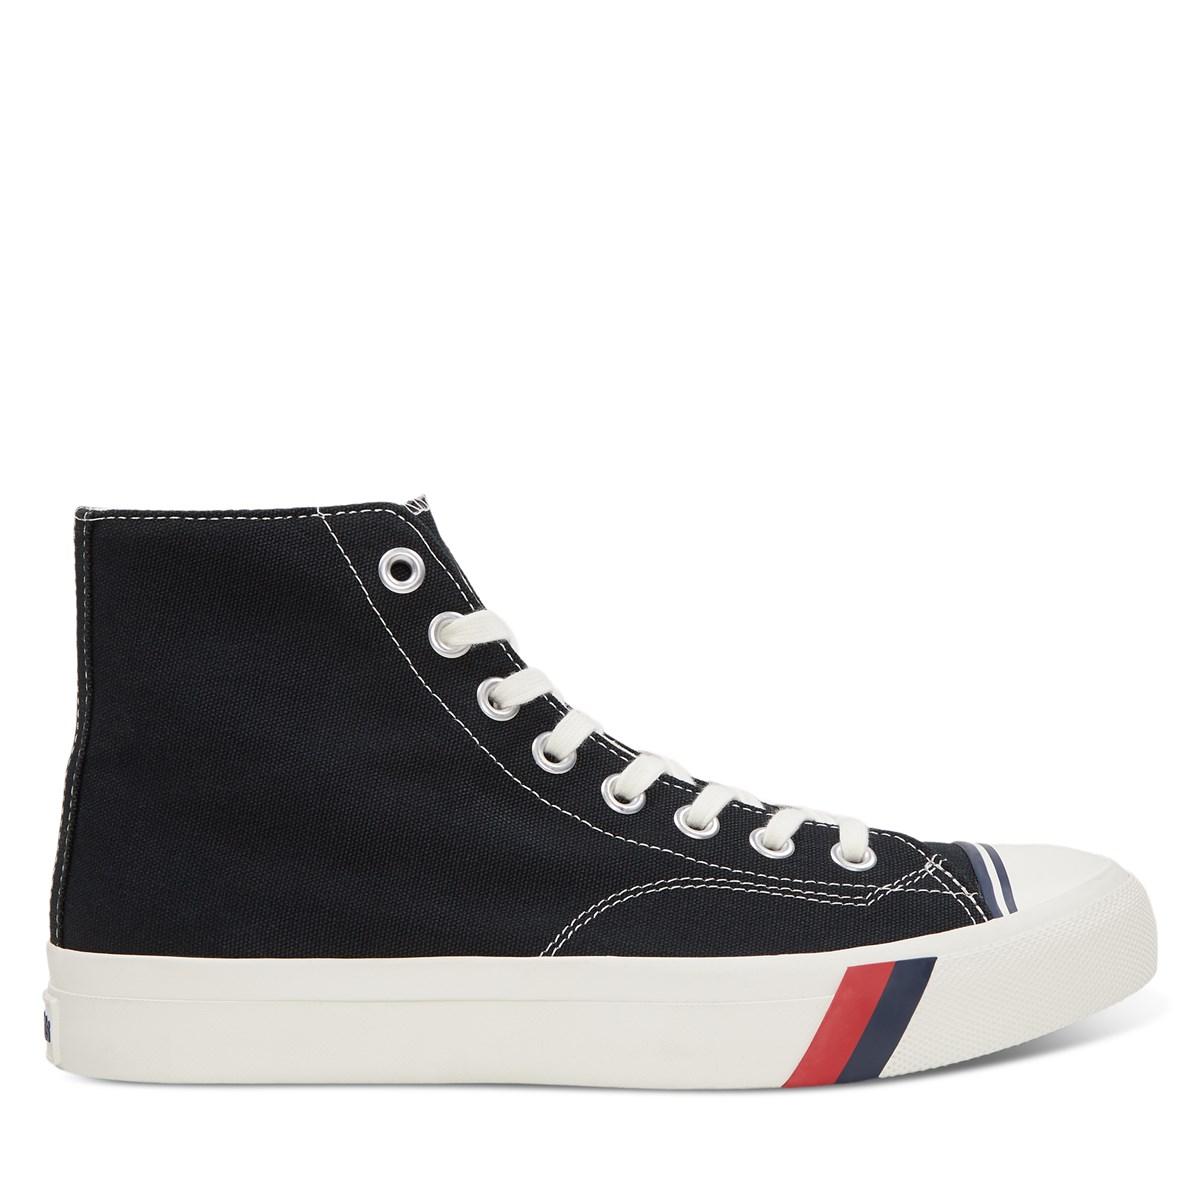 Men's Royal Hi Sneakers in Black